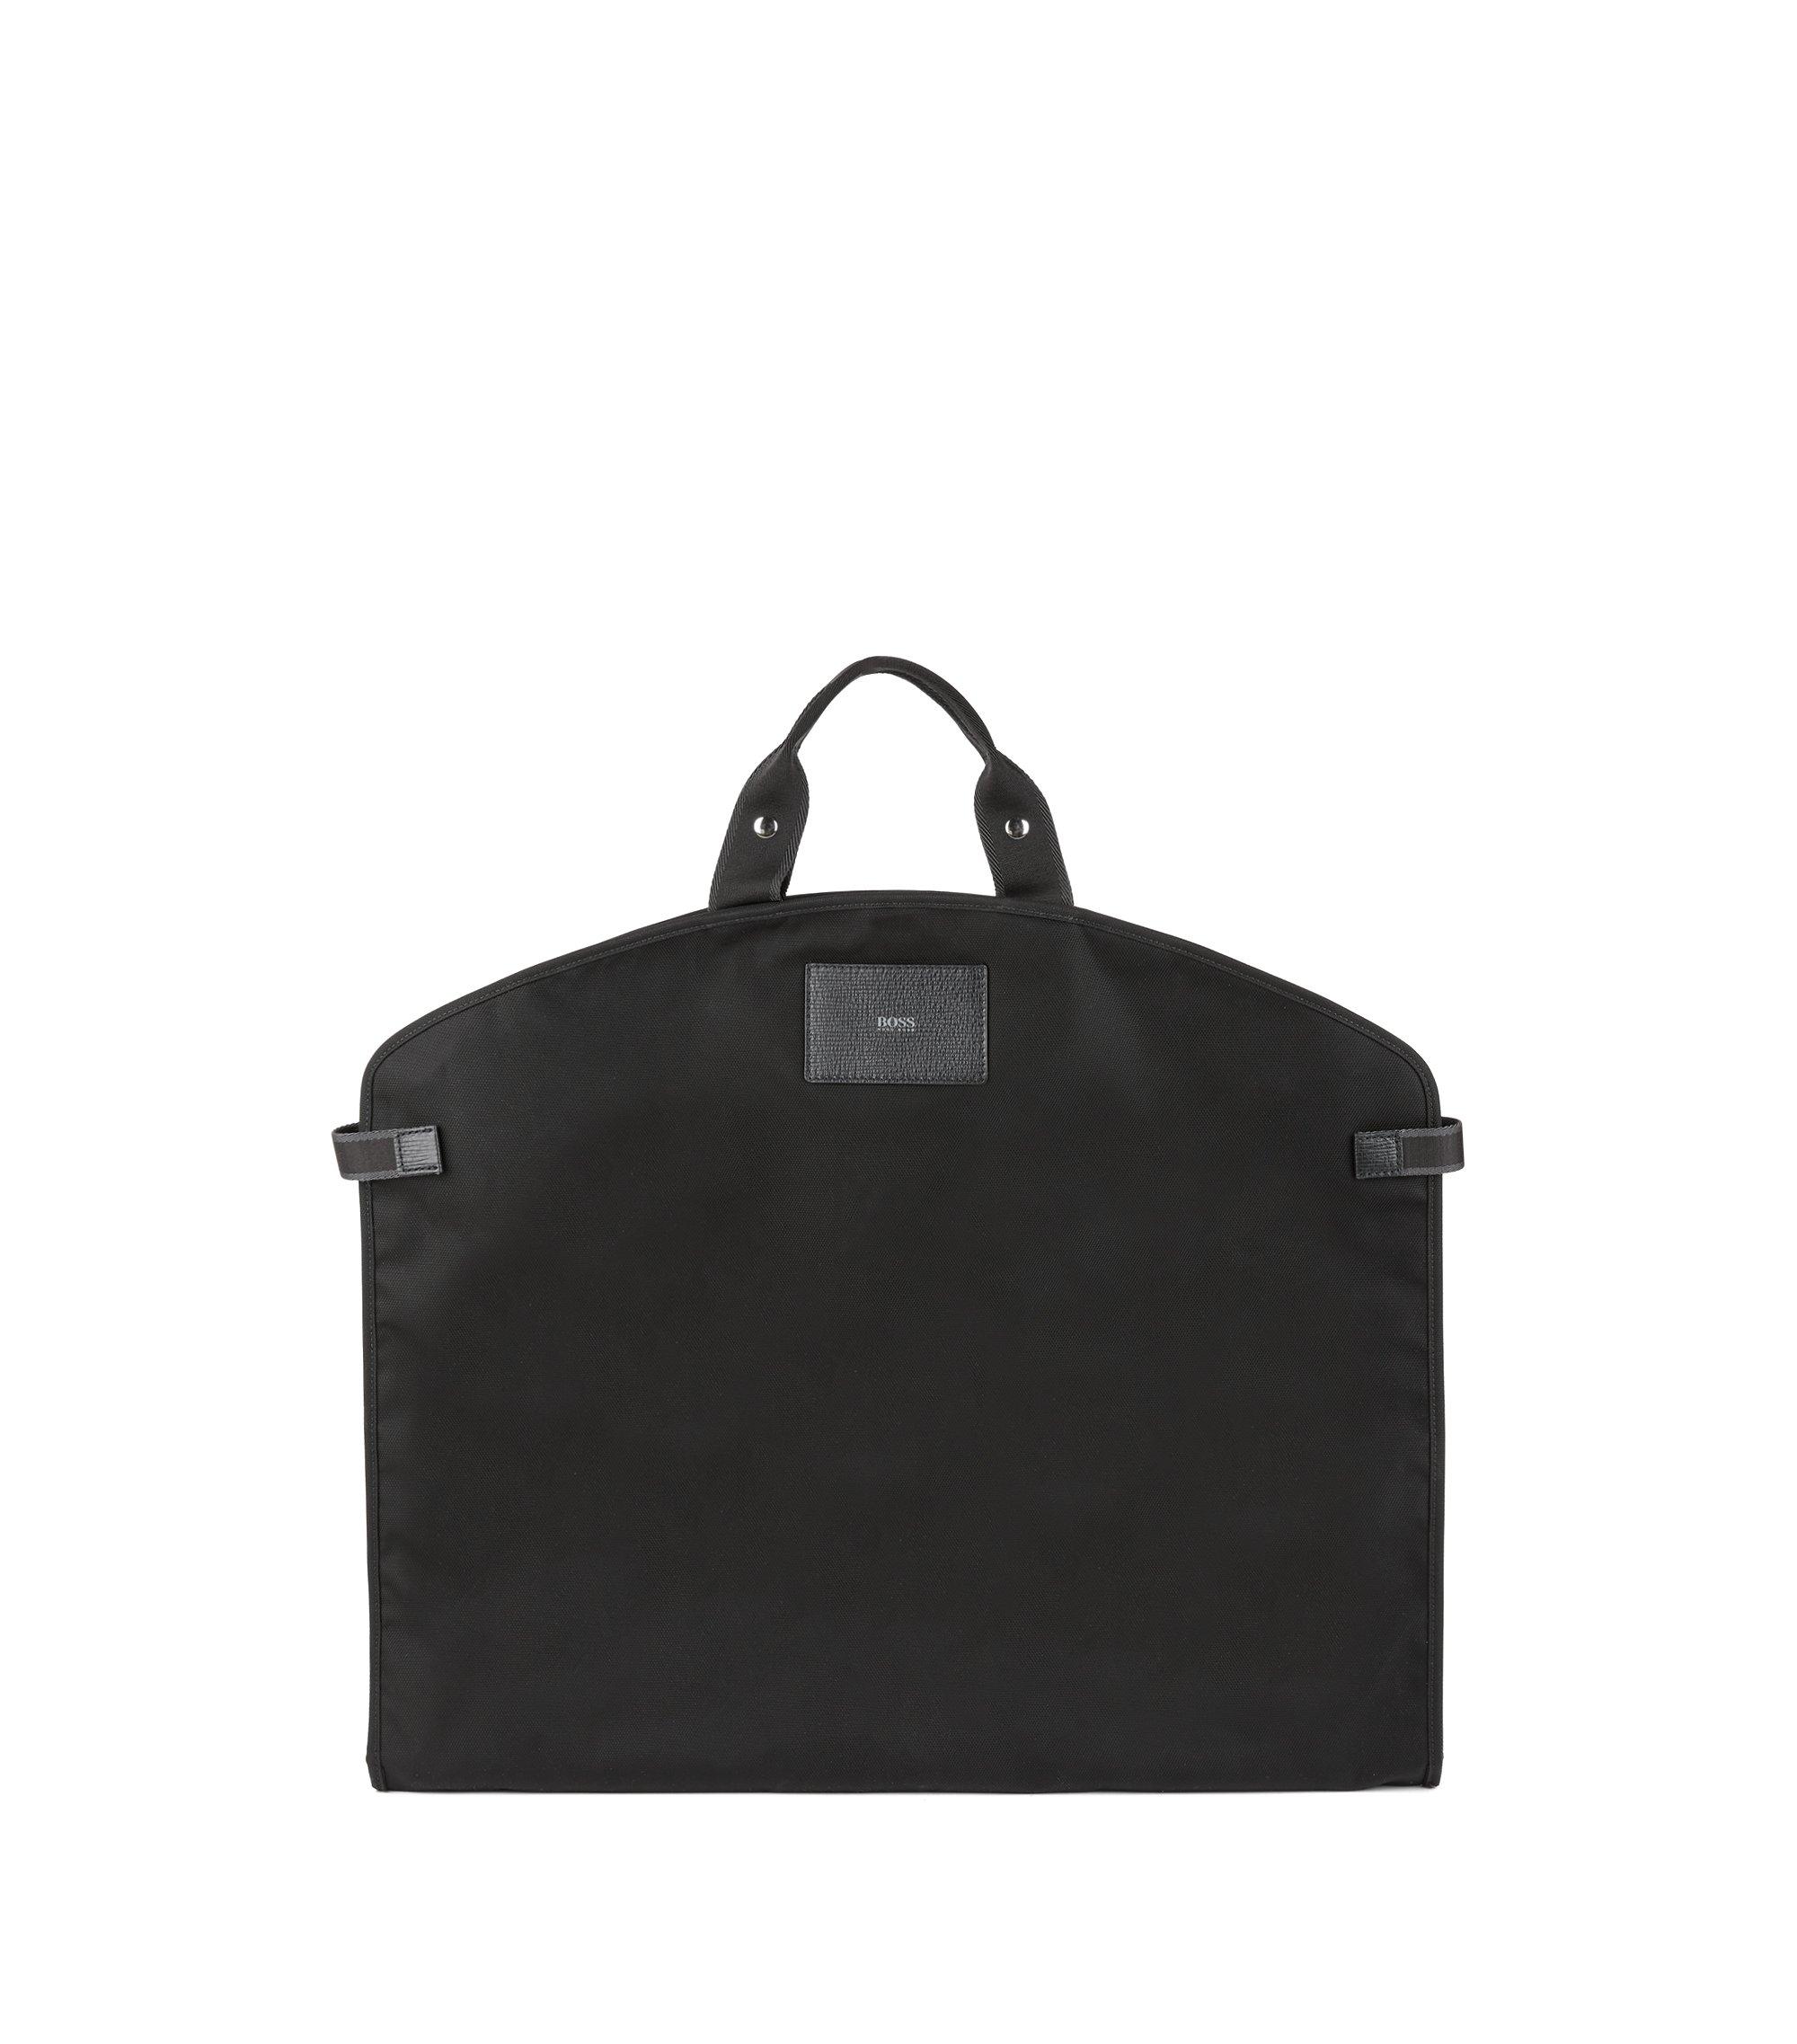 Kleidersack aus Nylon mit Details aus italienischem Leder, Schwarz